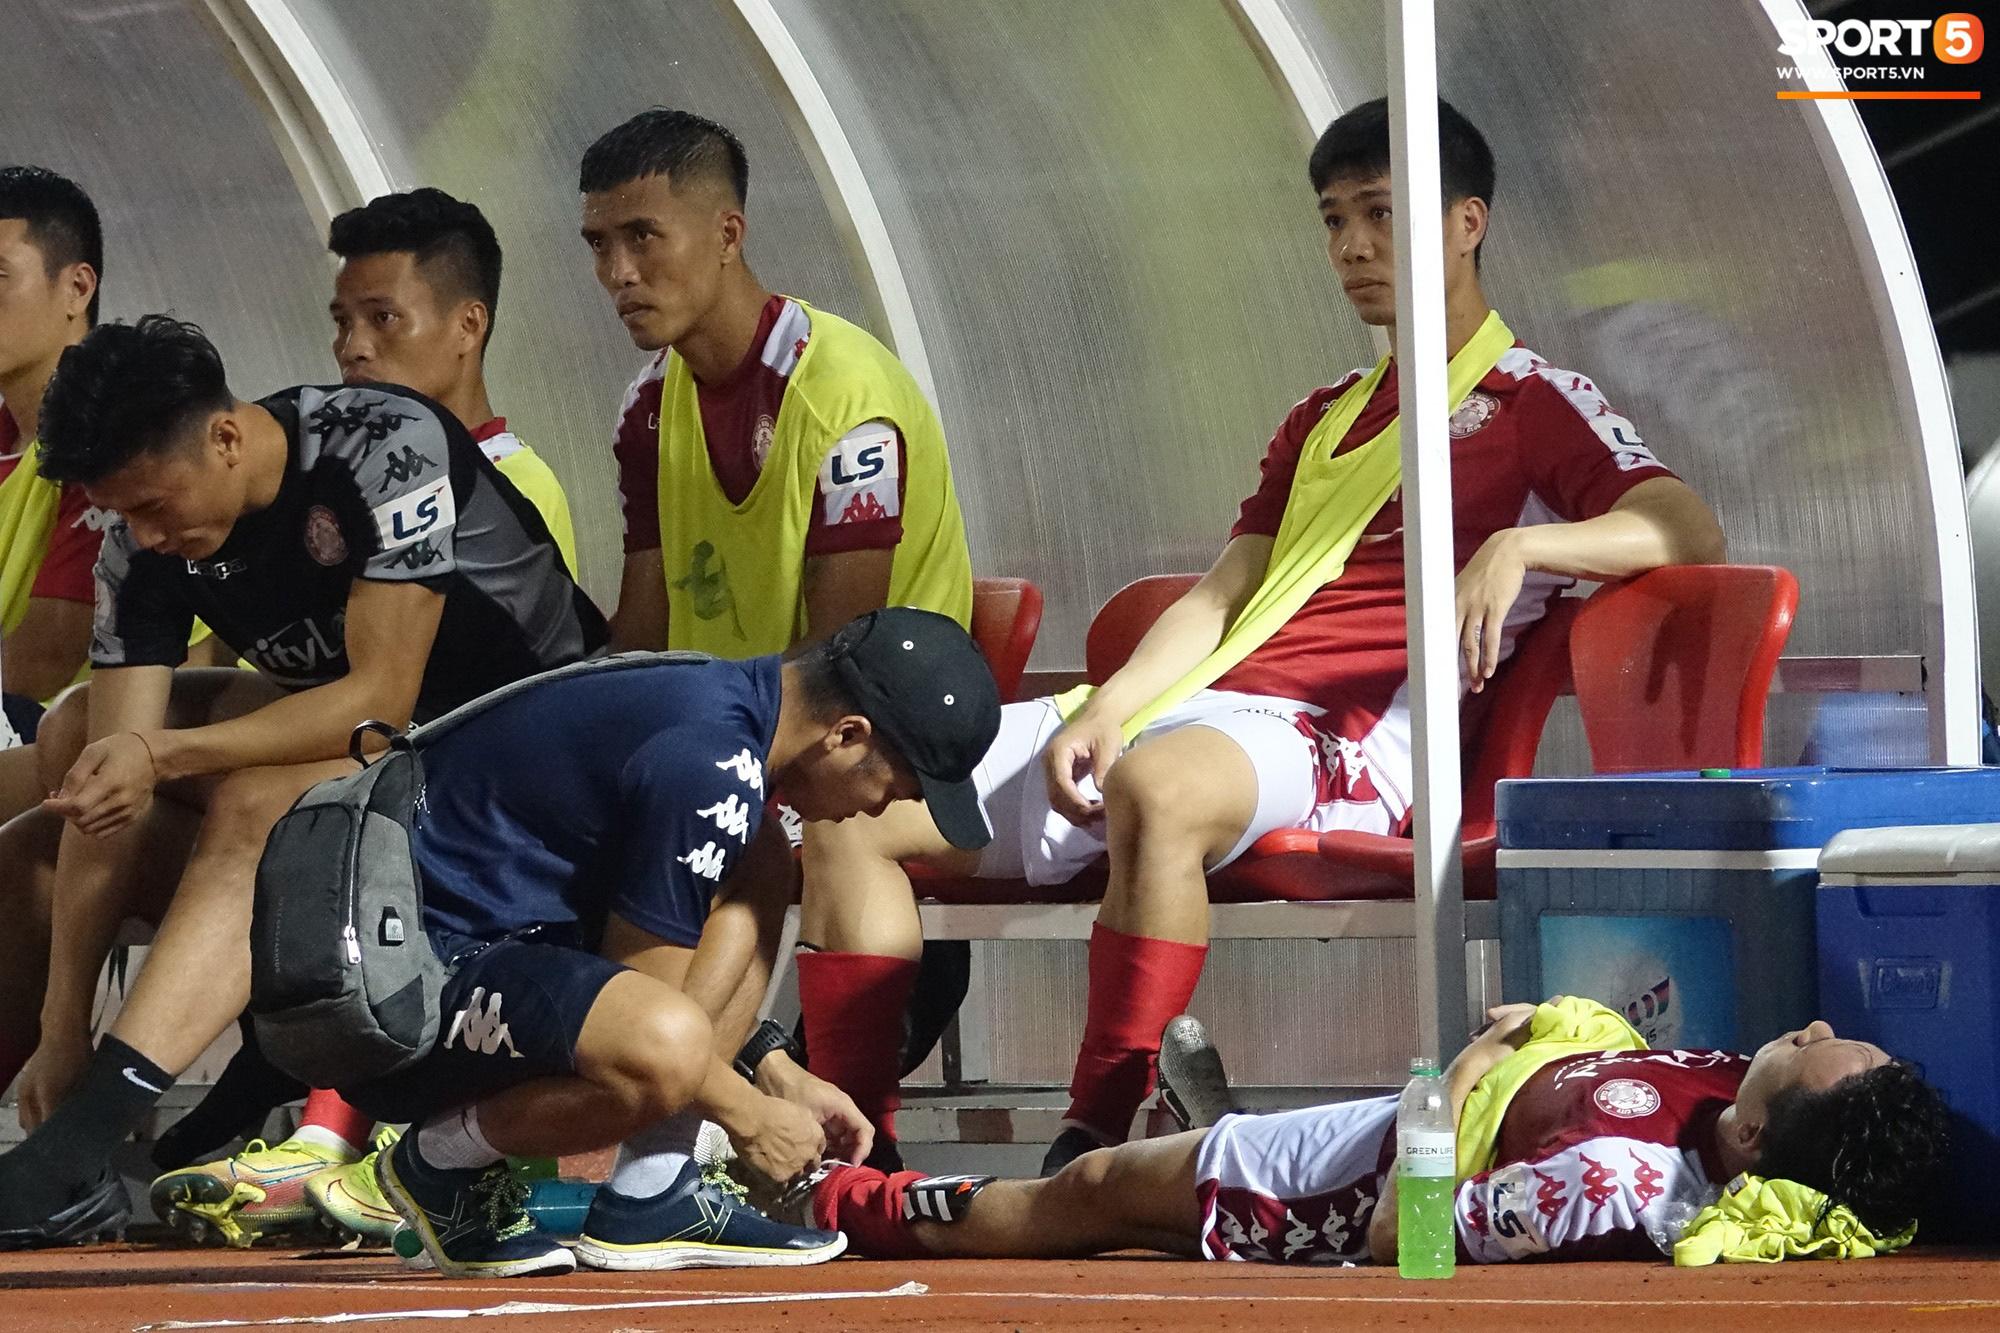 Thót tim với tình huống cựu tuyển thủ U23 Việt Nam nằm gục xuống sân ngay khi được thay ra - Ảnh 2.